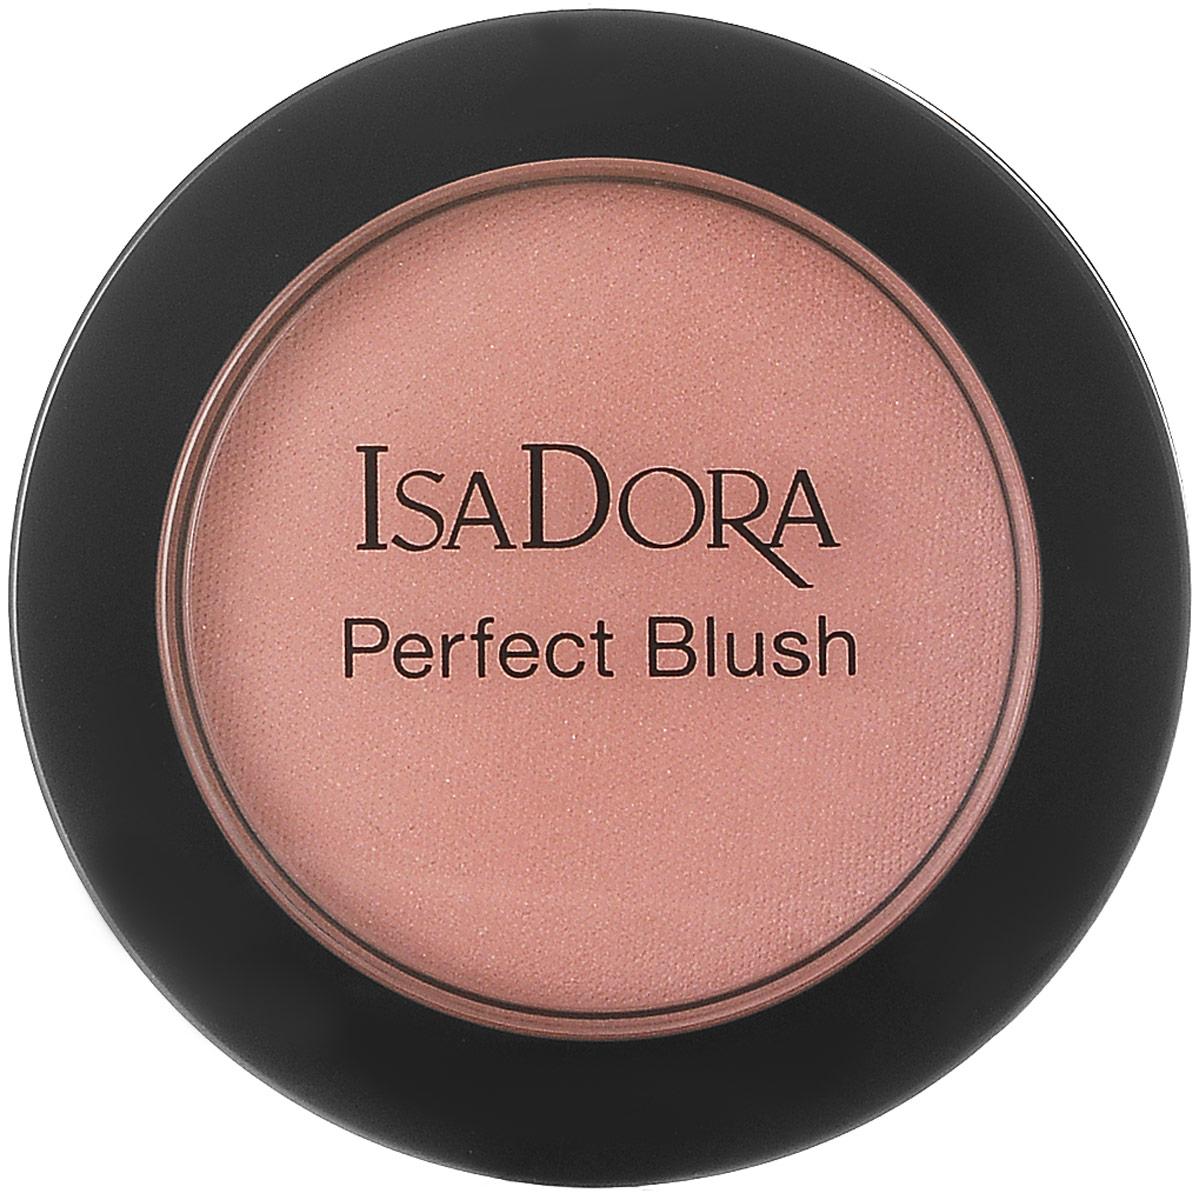 Isadora румяна Perfect blush 58 4,5гр214058Нежные бархатистые румяна, устойчивые, насыщенная пигментами текстура, матовые и сияющие оттенки. Без отдушек. Клинически тестировано.